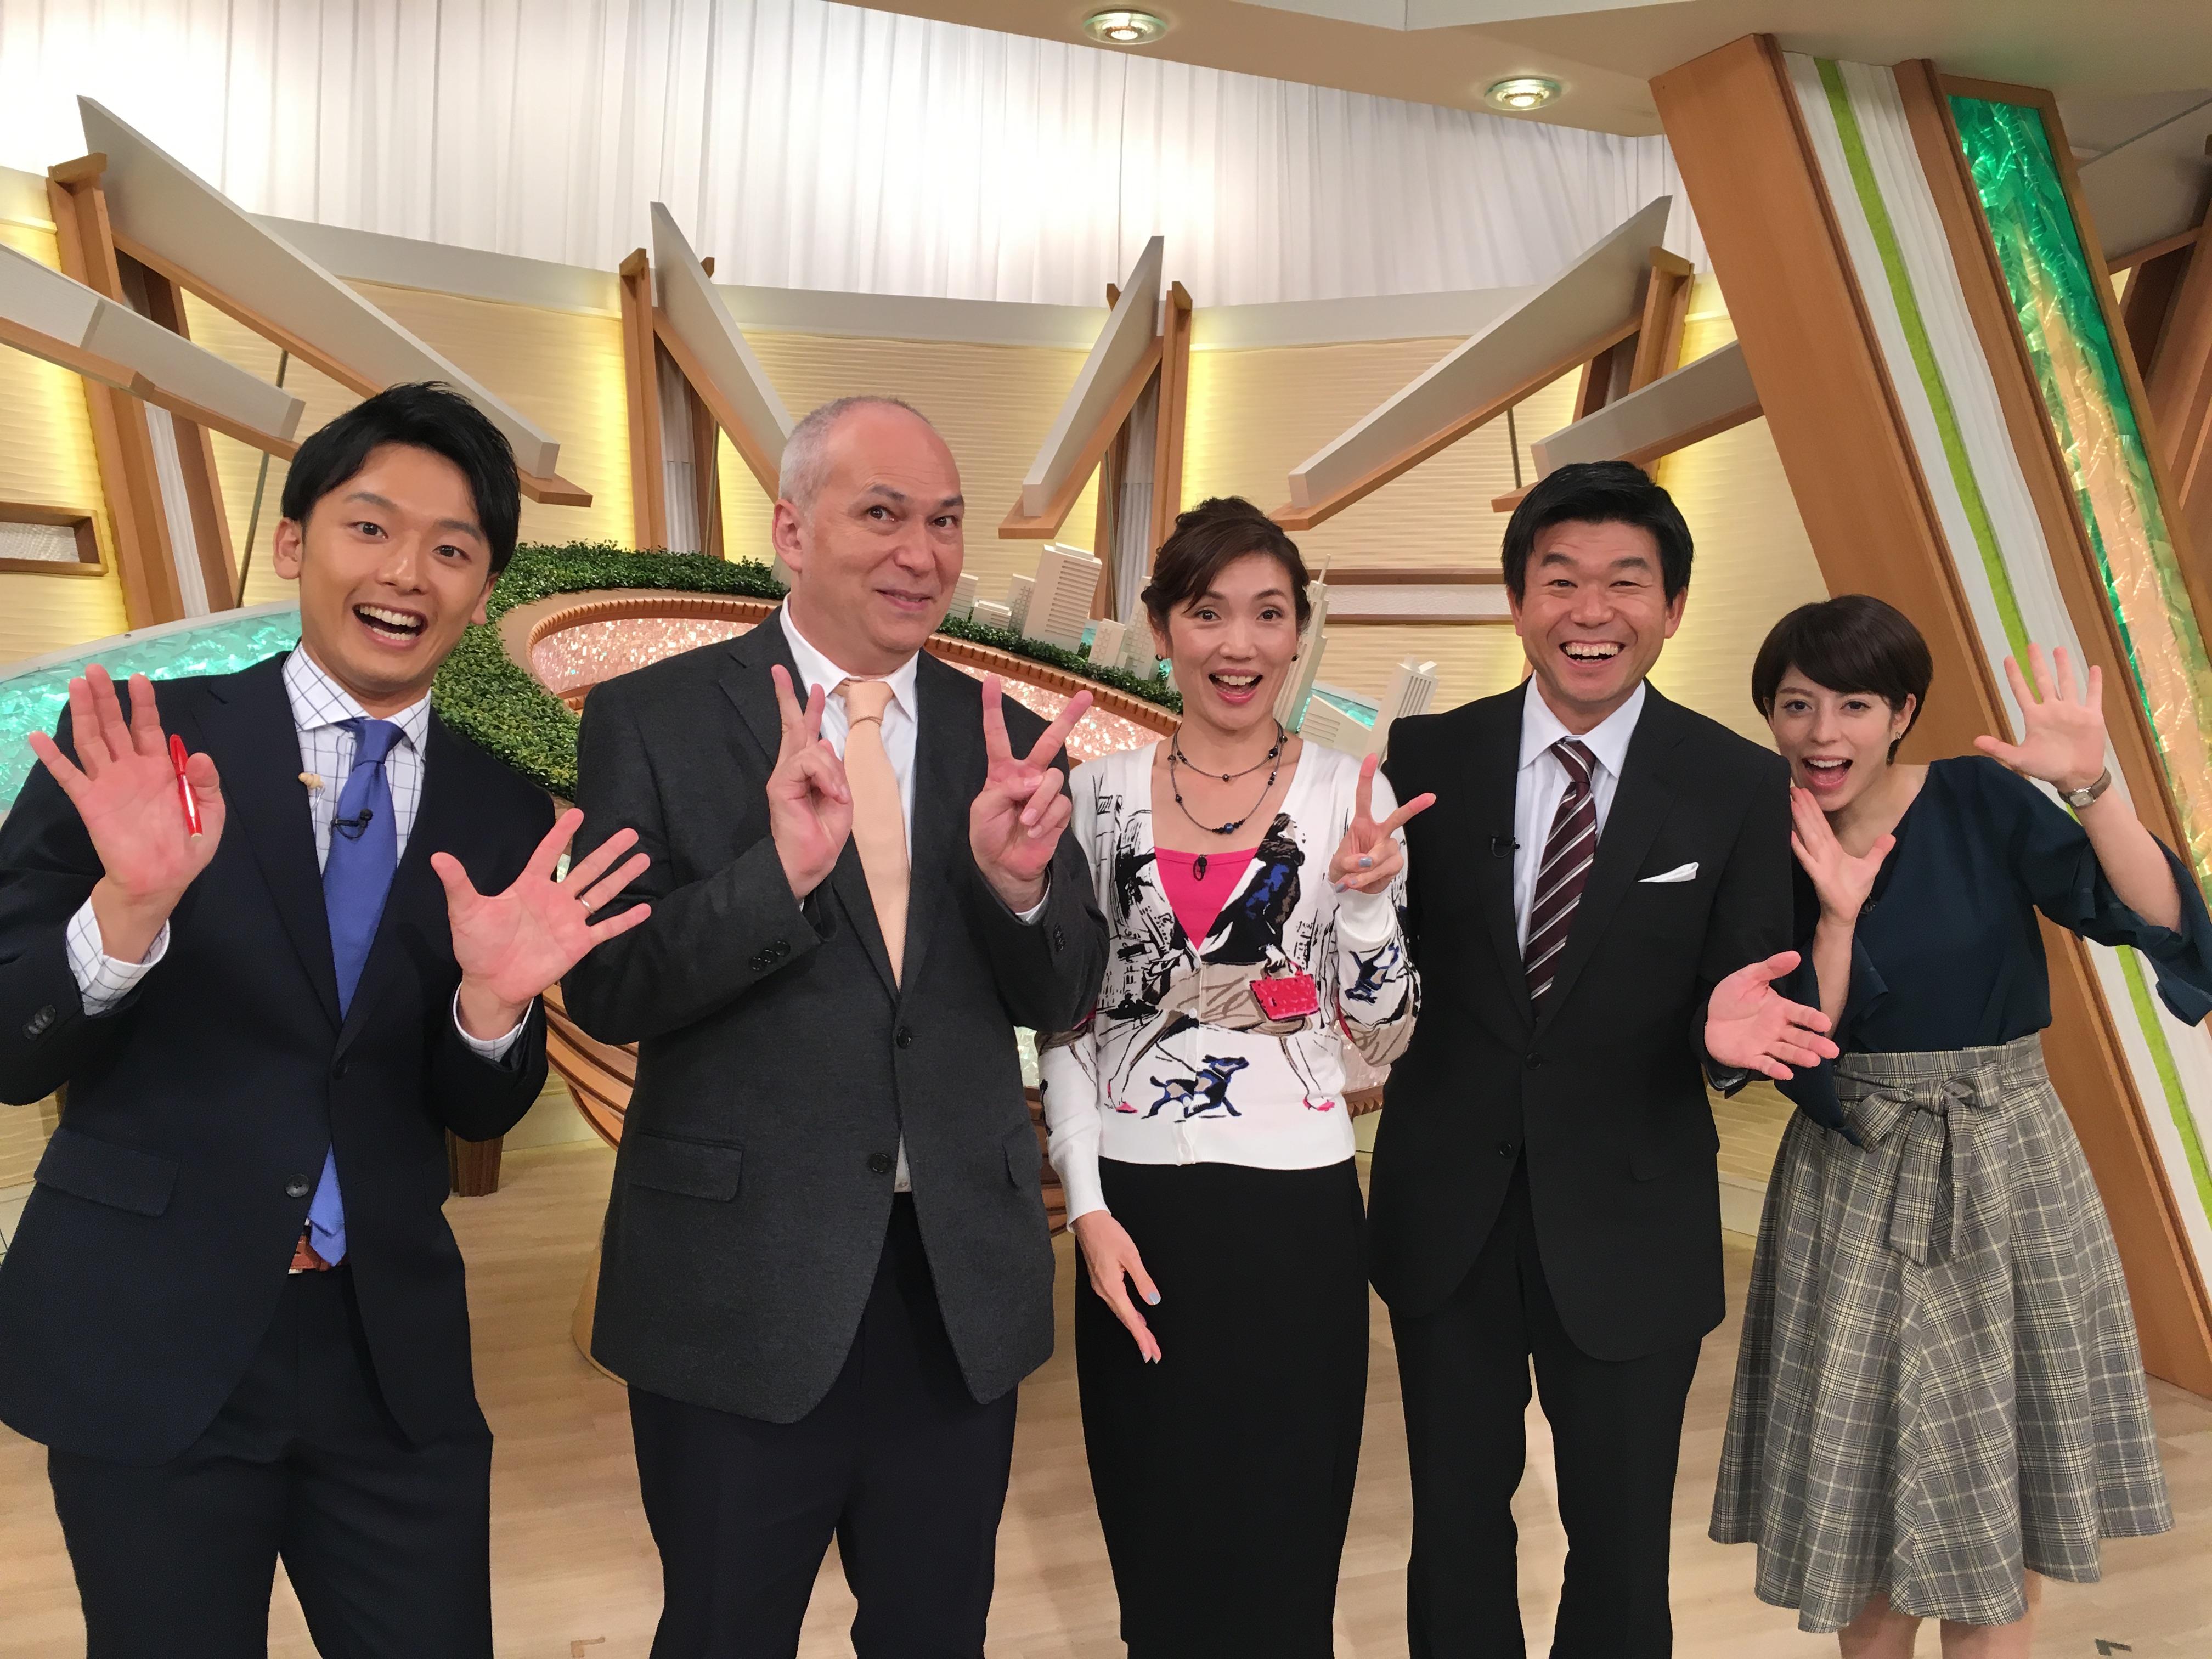 みんなのニュース 報道ランナー の ... - thetv.jp